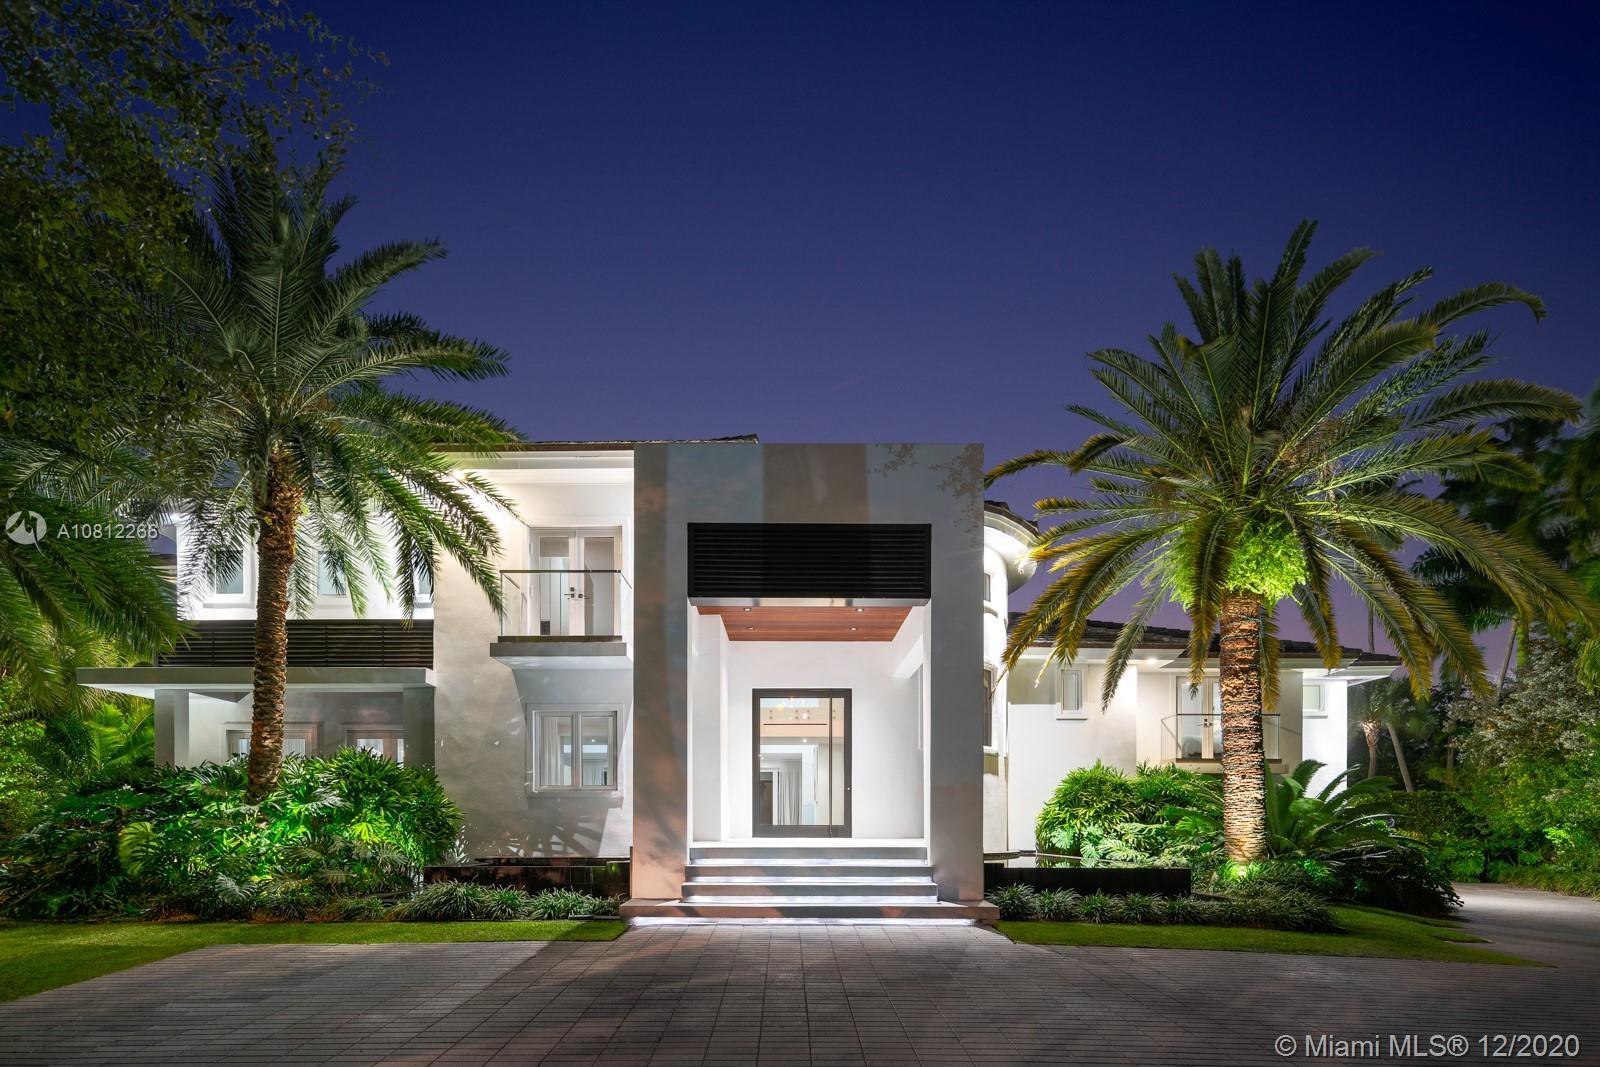 470 Costanera Rd, Coral Gables, Florida